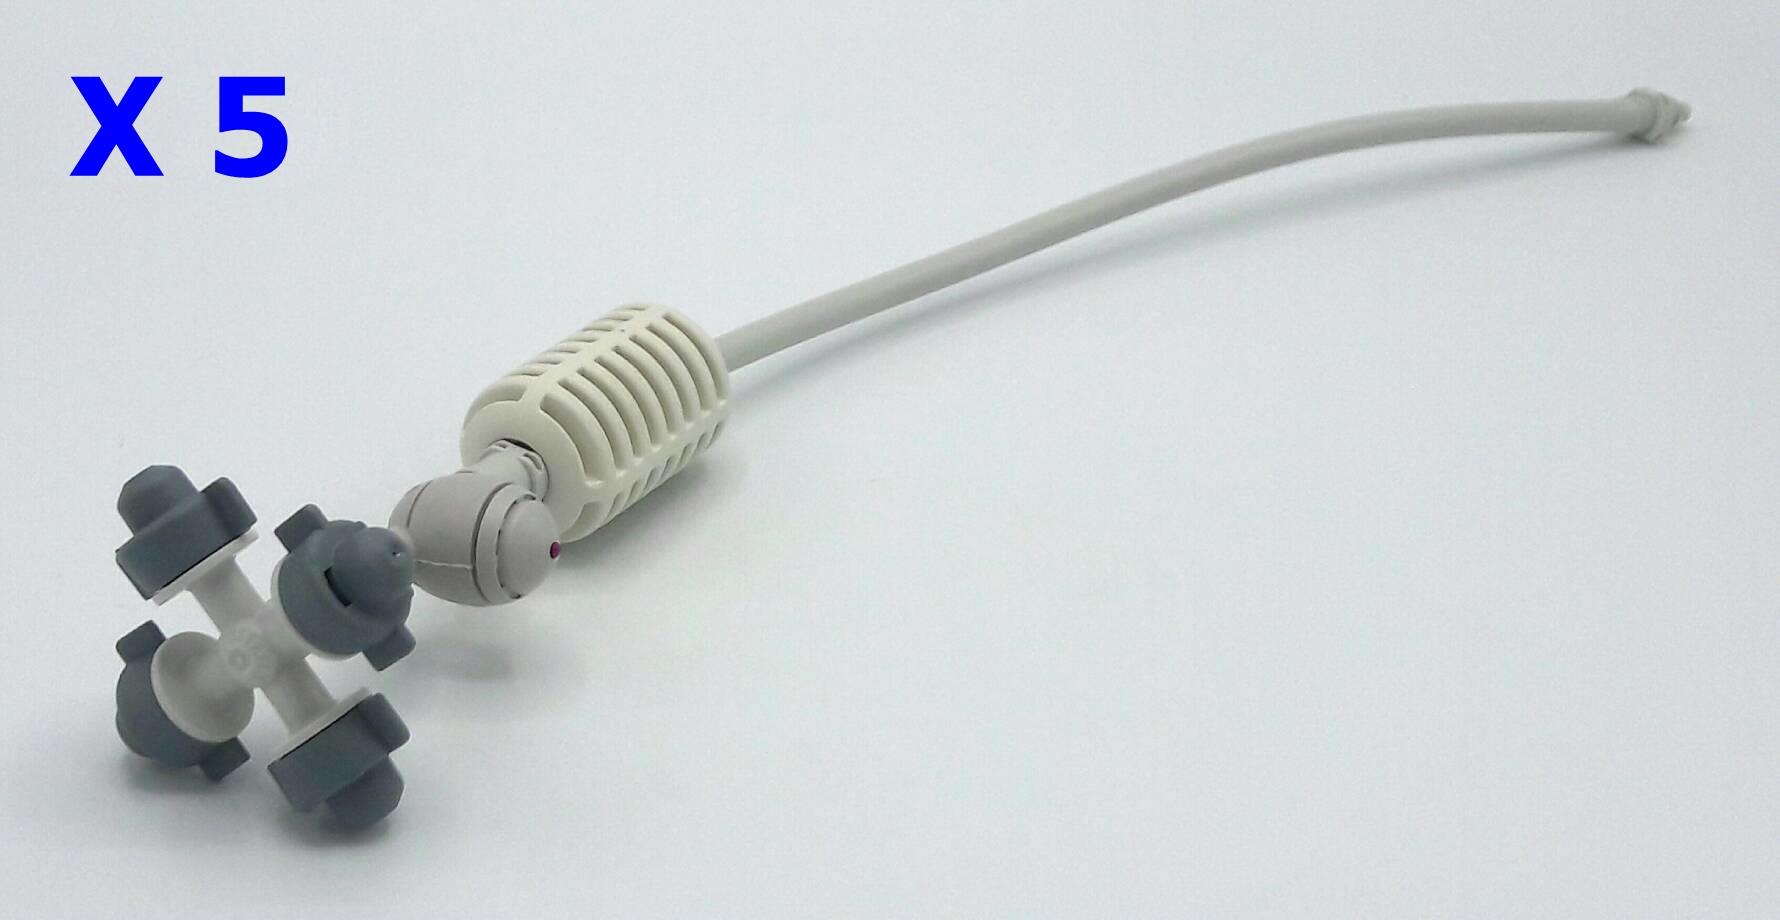 หัวพ่นหมอก 4 ทาง เนต้าฟิล์ม 0.6 มม. สายยาว 32 ซม. แบบเสียบกับท่อ PE ( NATAFIM ) X 5